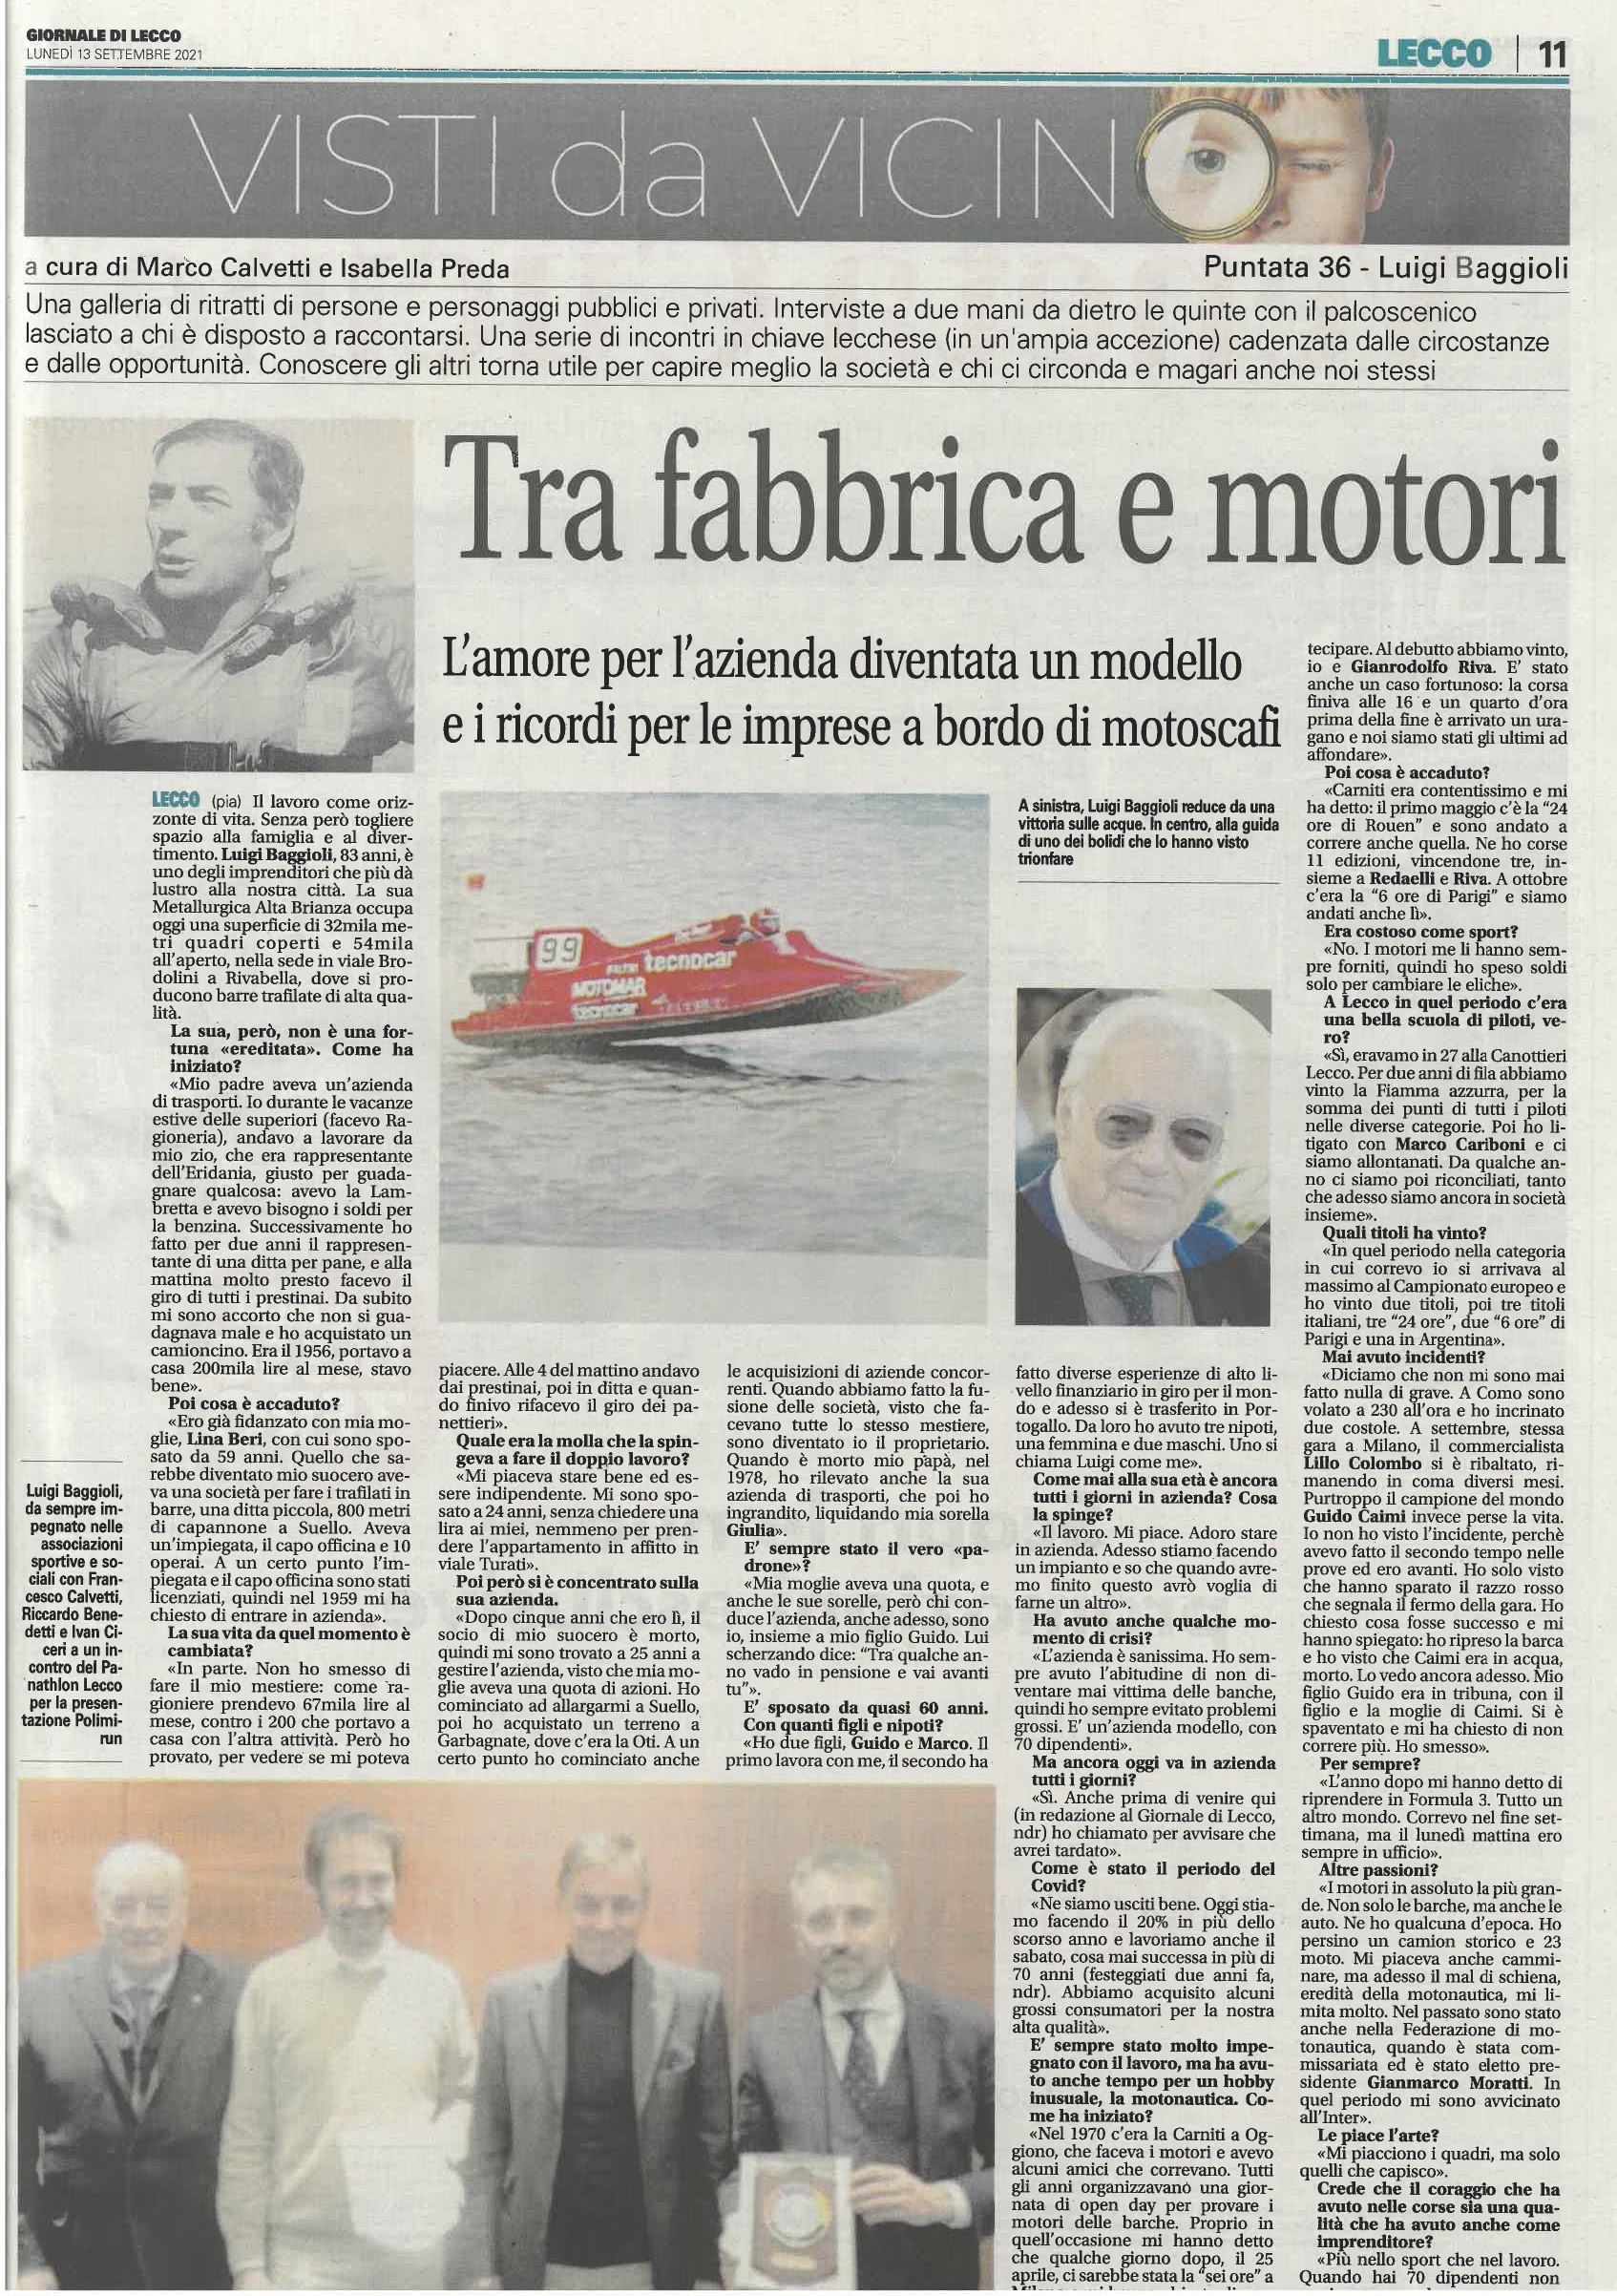 Luigi Baggioli: Tra fabbrica e motori